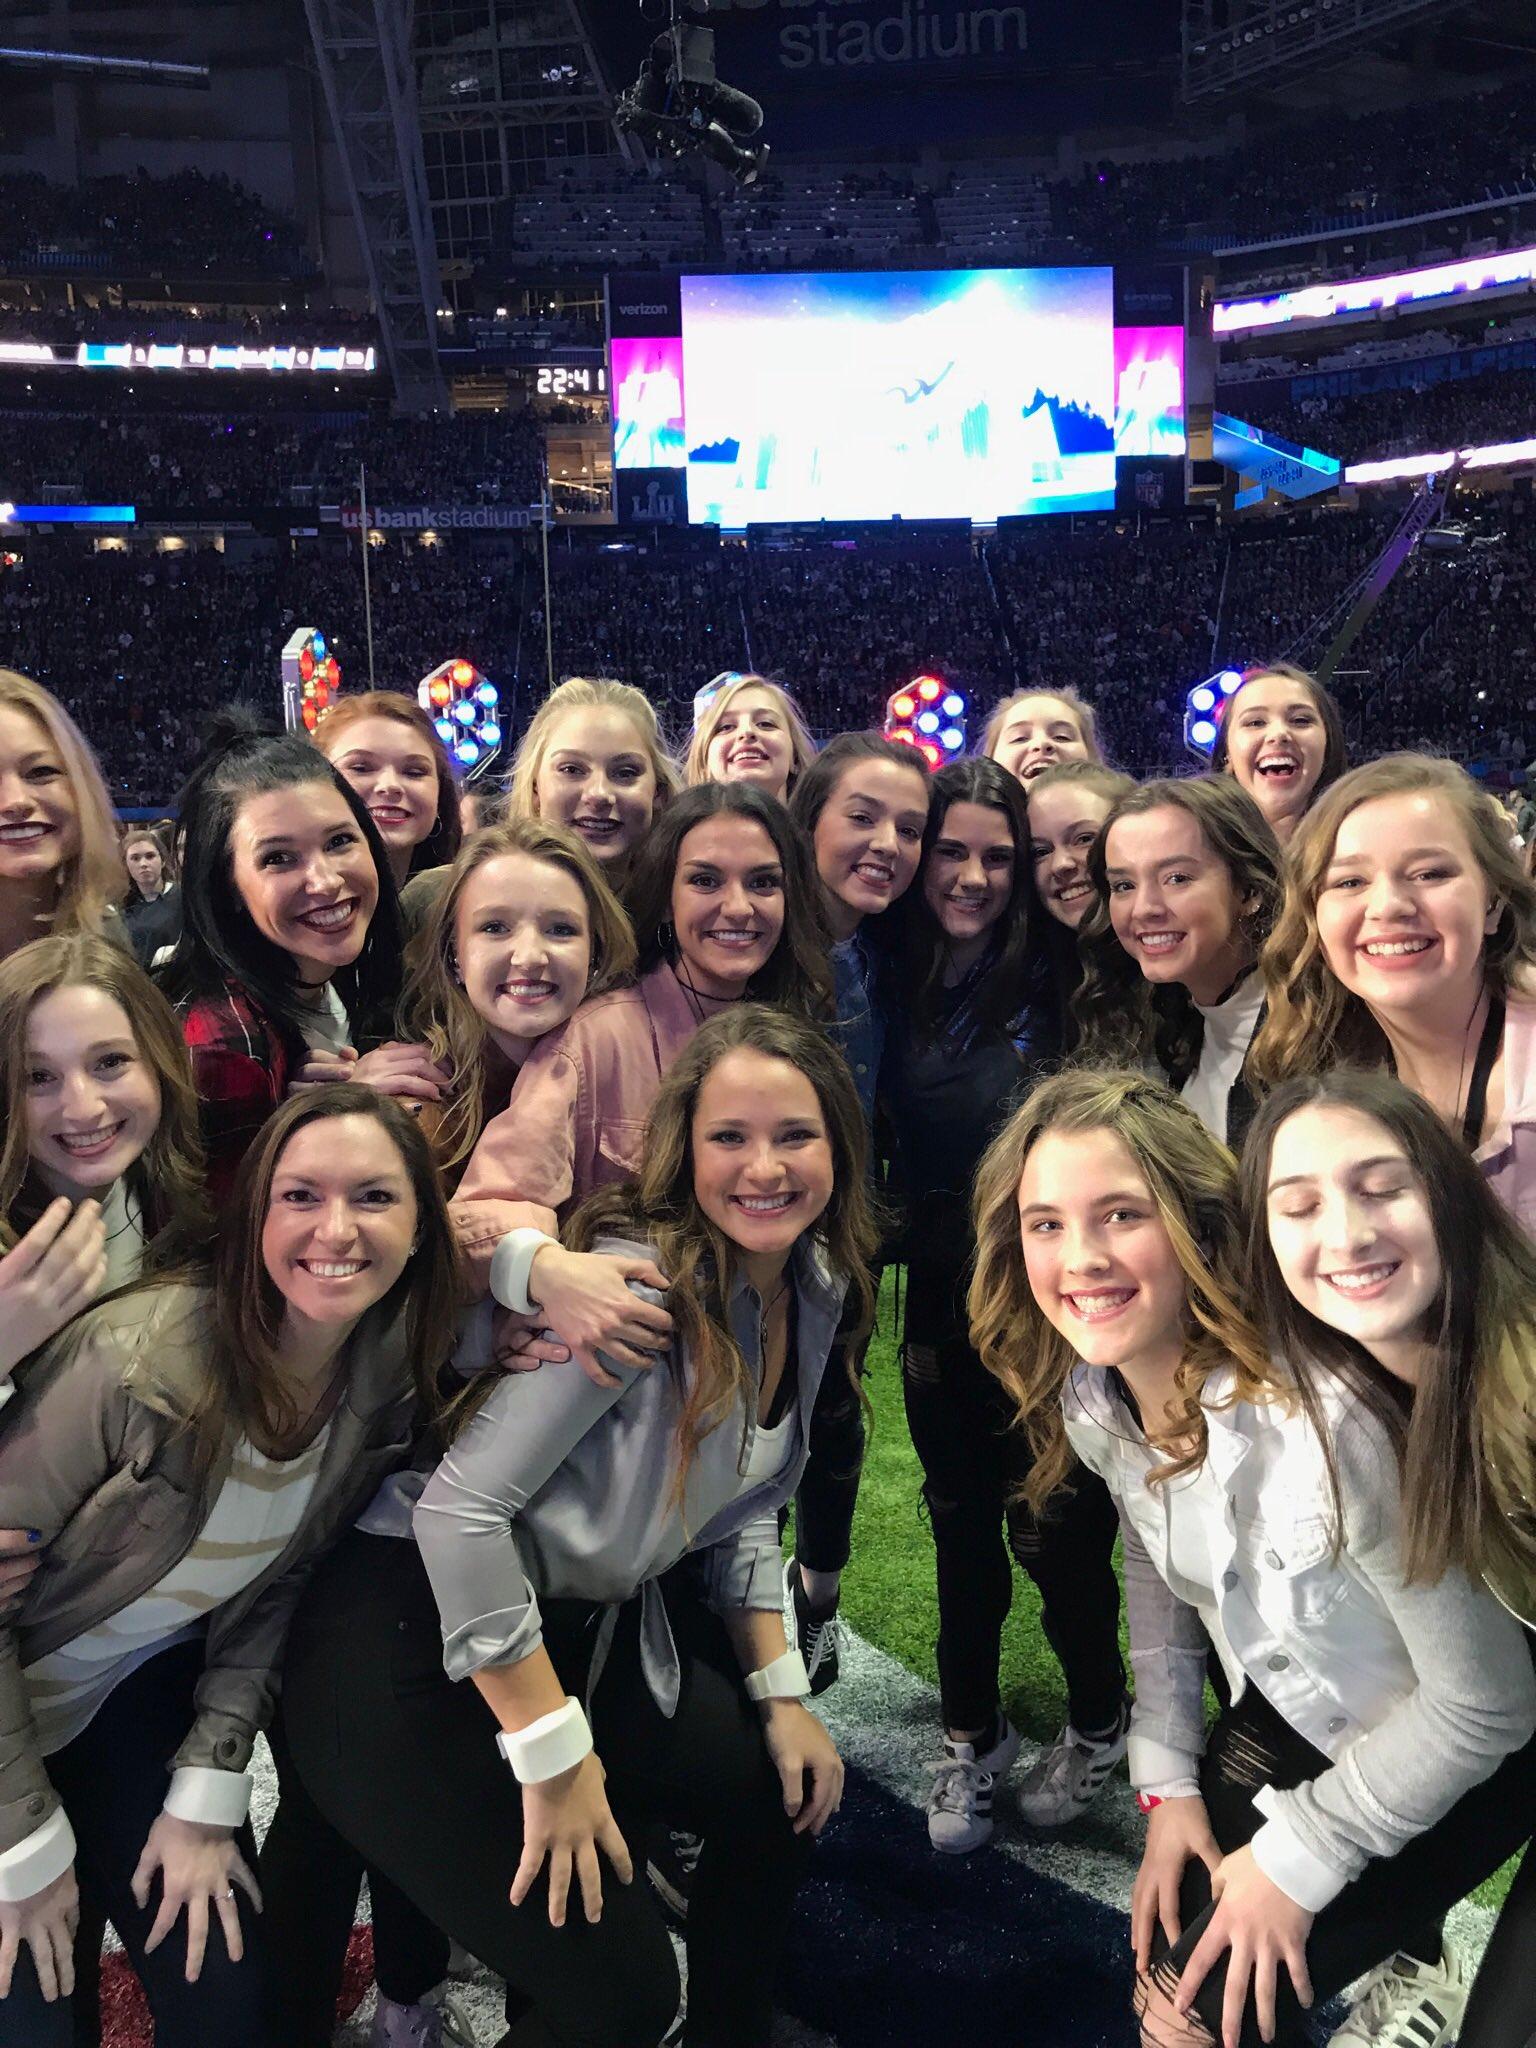 Hopkins Royelles perform at Super Bowl LII